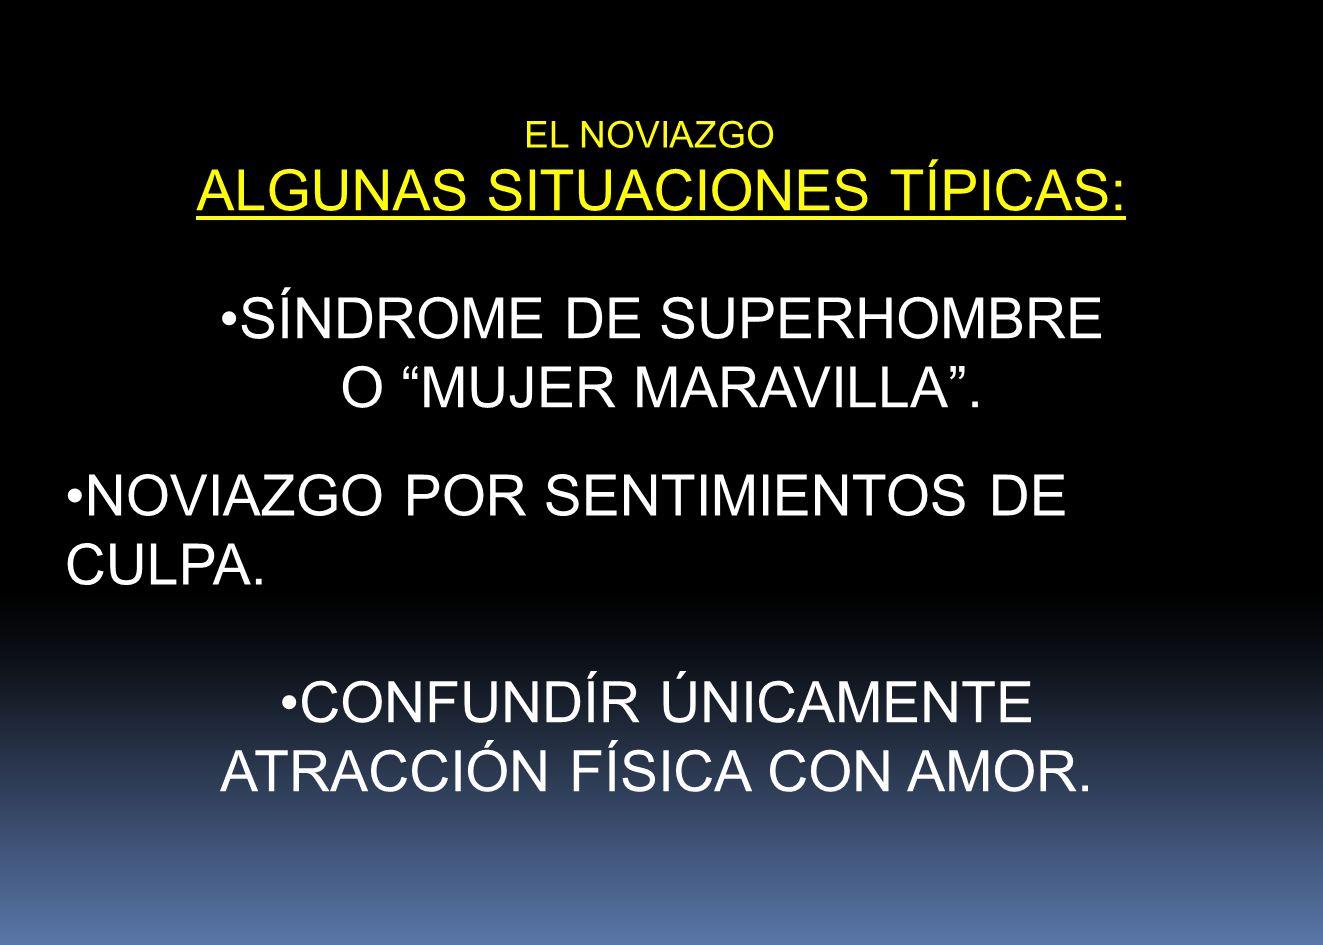 ALGUNAS SITUACIONES TÍPICAS: